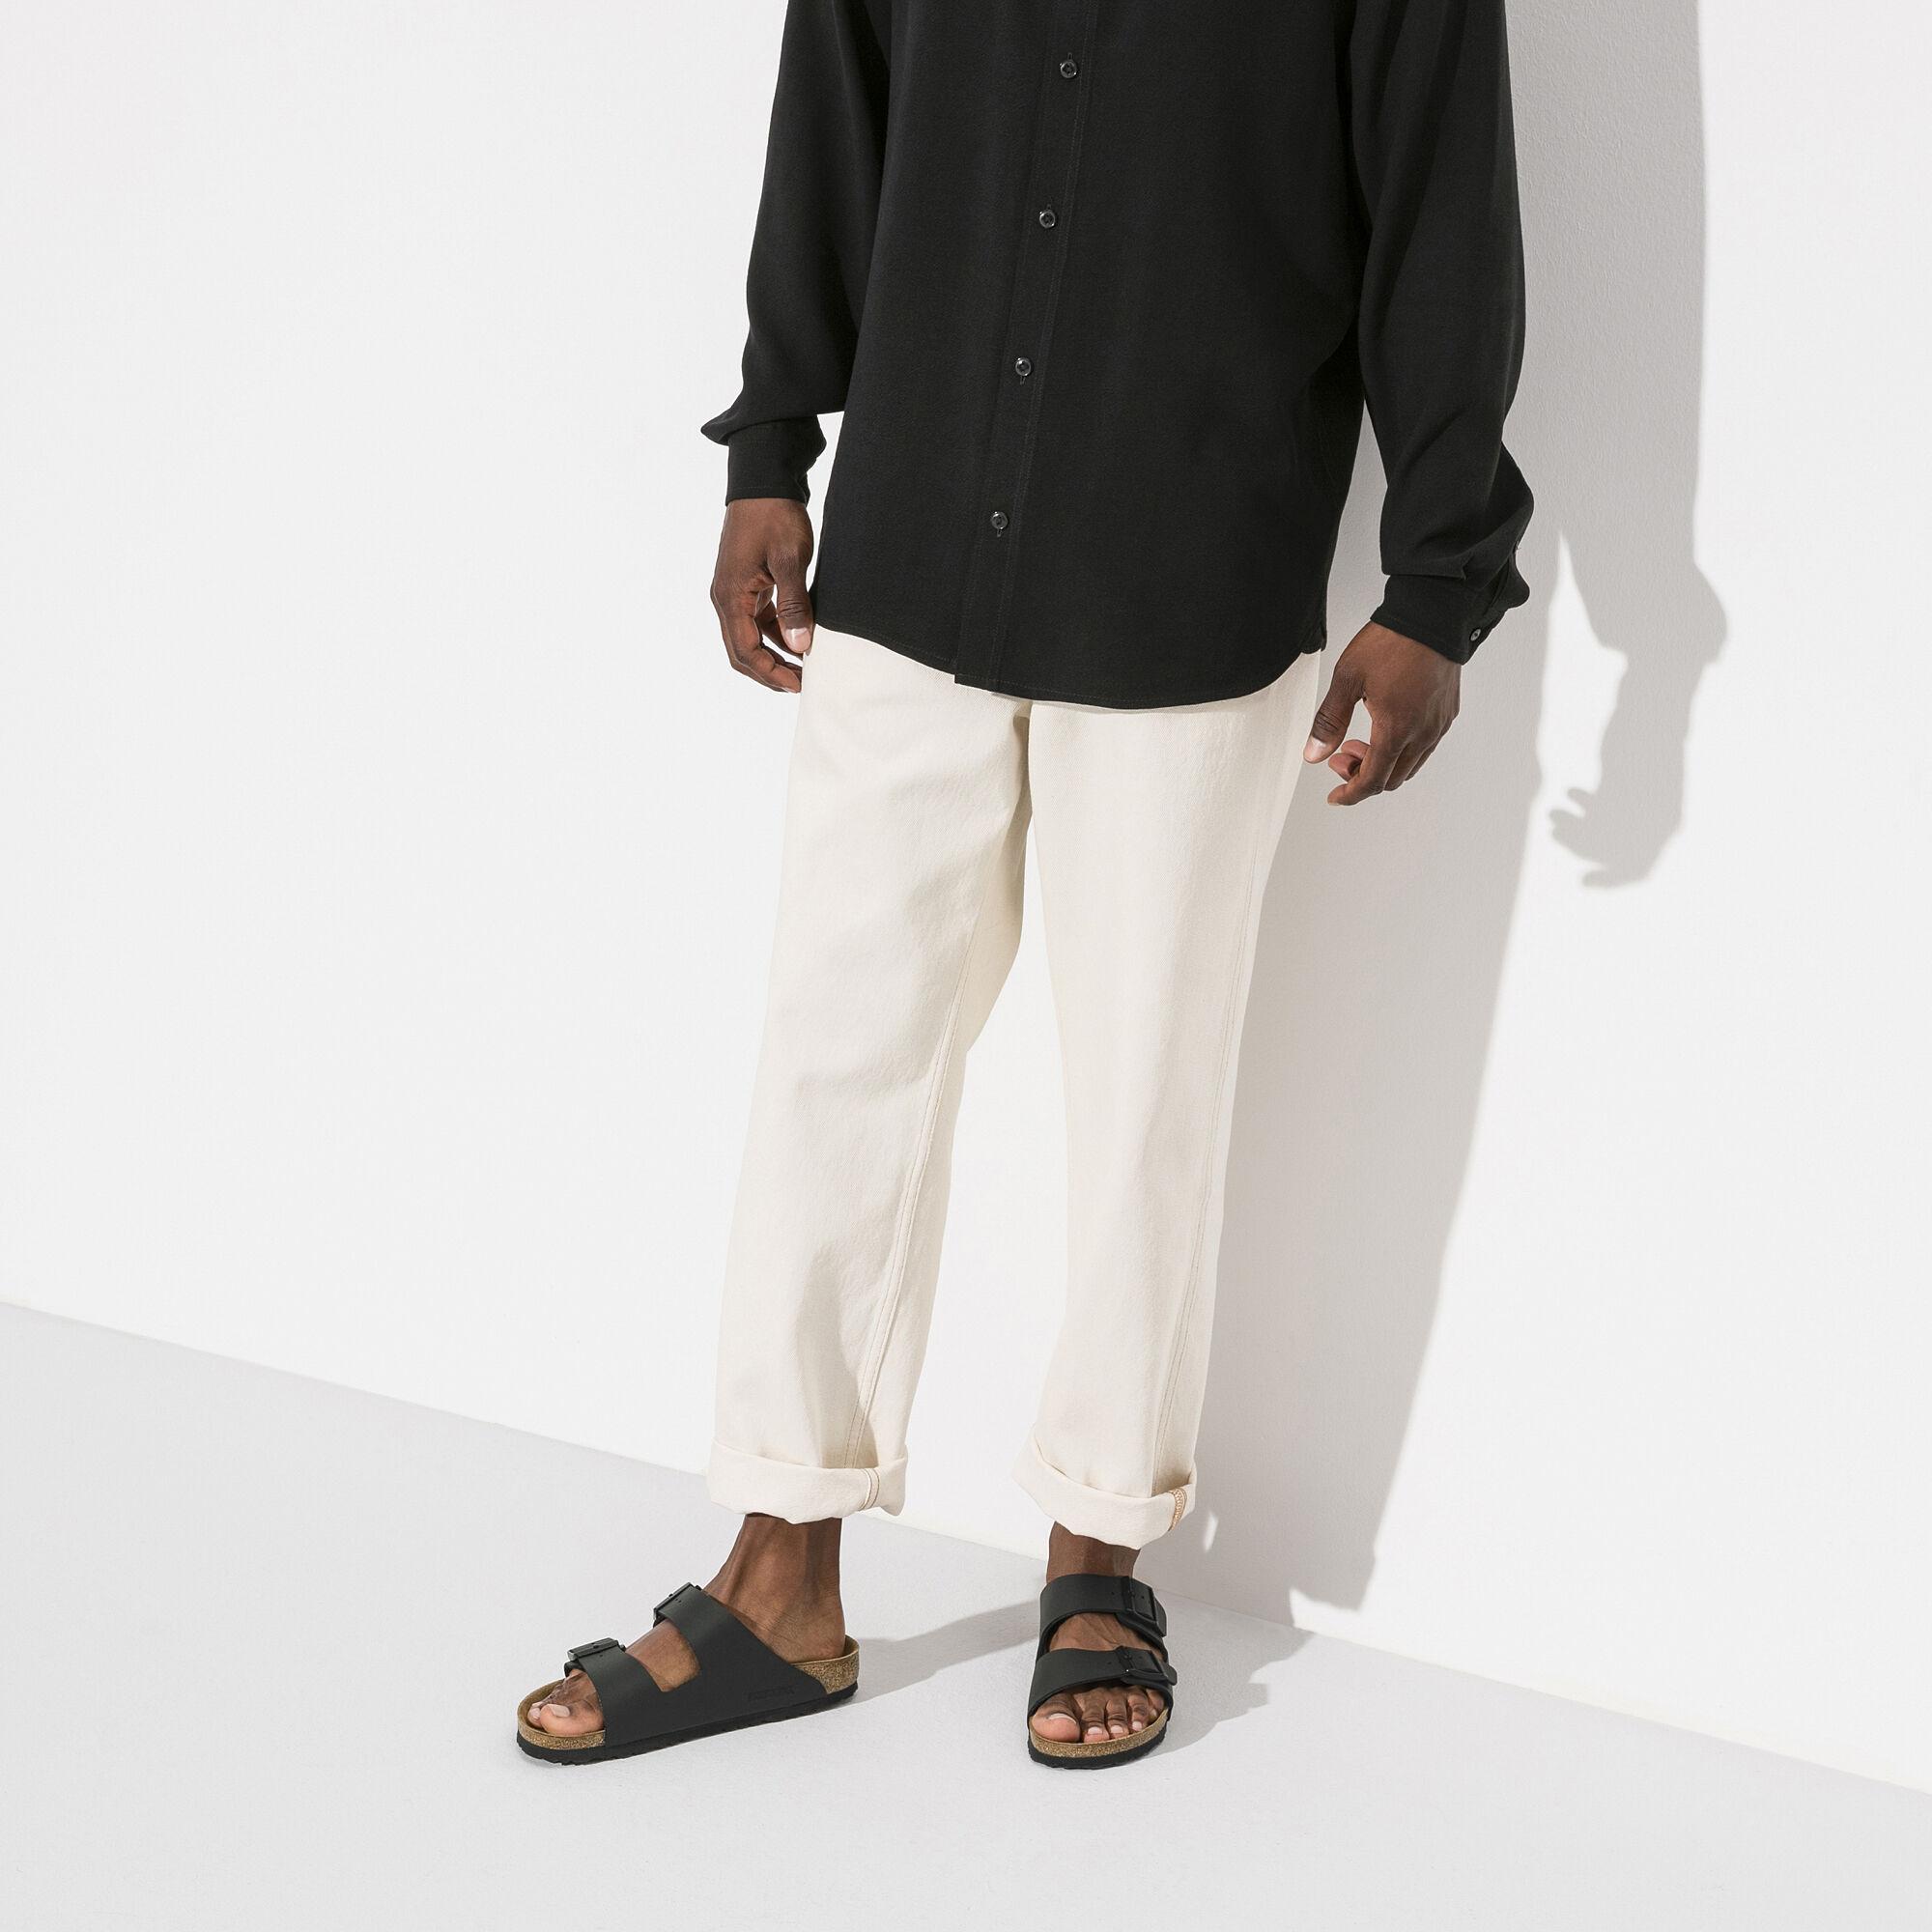 Pantoletten BIRKENSTOCK Arizona 0051793 Black